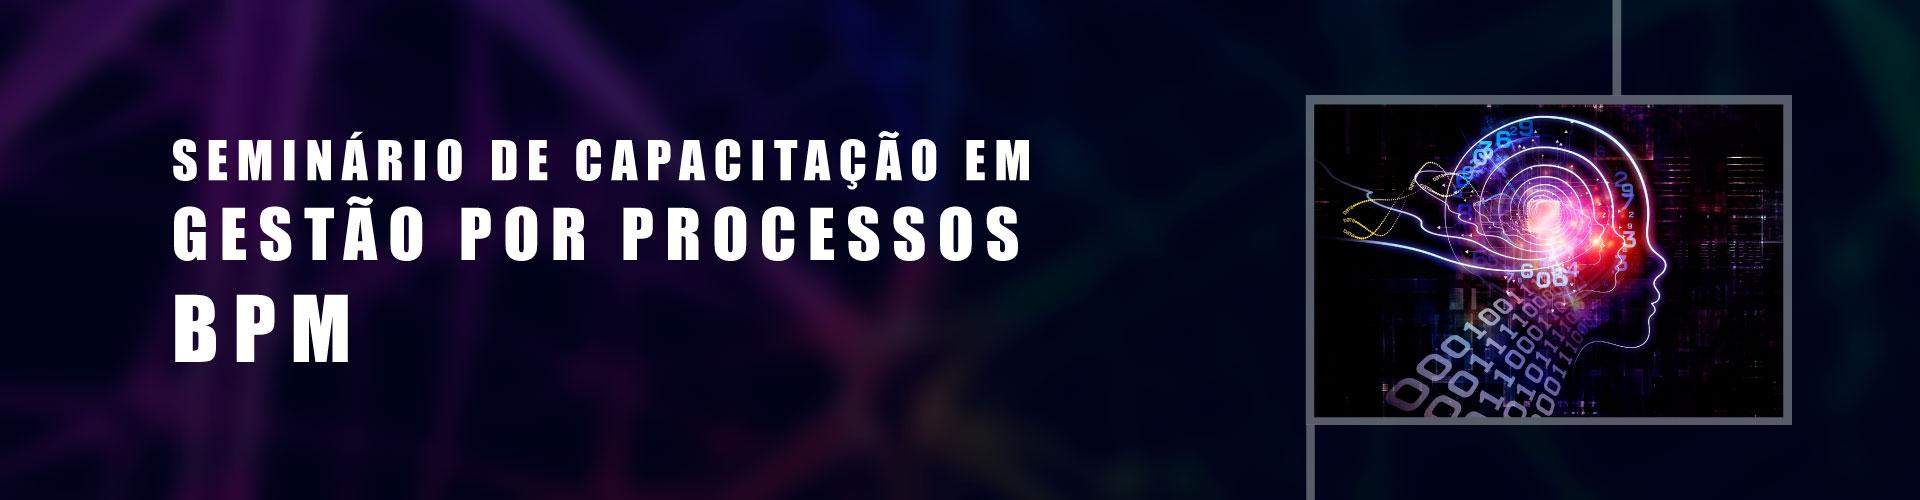 SEMINÁRIO DE CAPACITAÇÃO EM GESTÃO POR PROCESSOS (BPM)